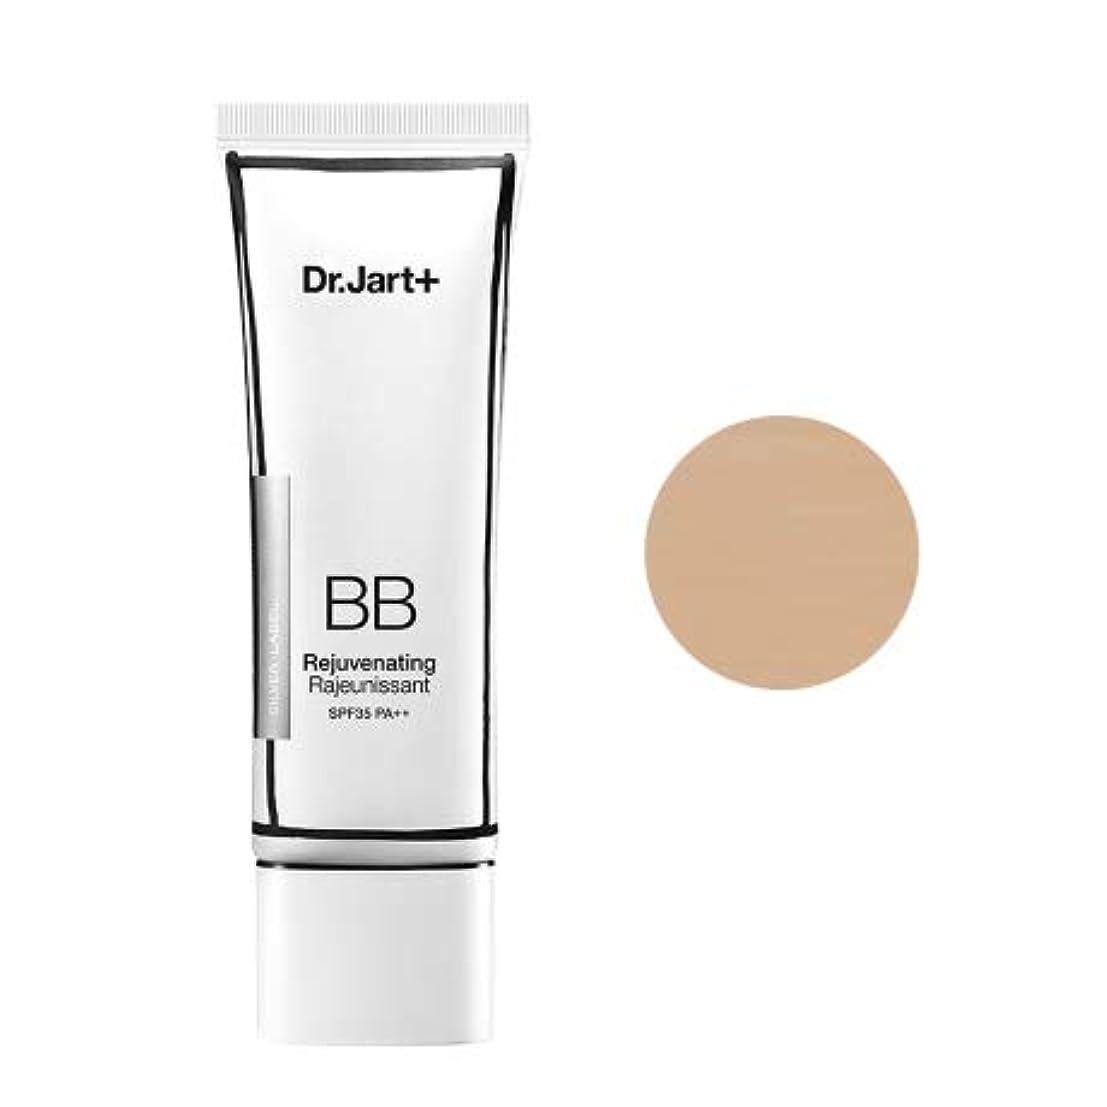 光電削減アラスカ[Upgrade] Dr.Jart+Dermakeup Rejuvenating Beauty Balm SPF35 PA++ 50ml /ドクタージャルトゥザメーキャップリージュビネイティンビューティーバーム SPF35 PA++ 50ml [並行輸入品]